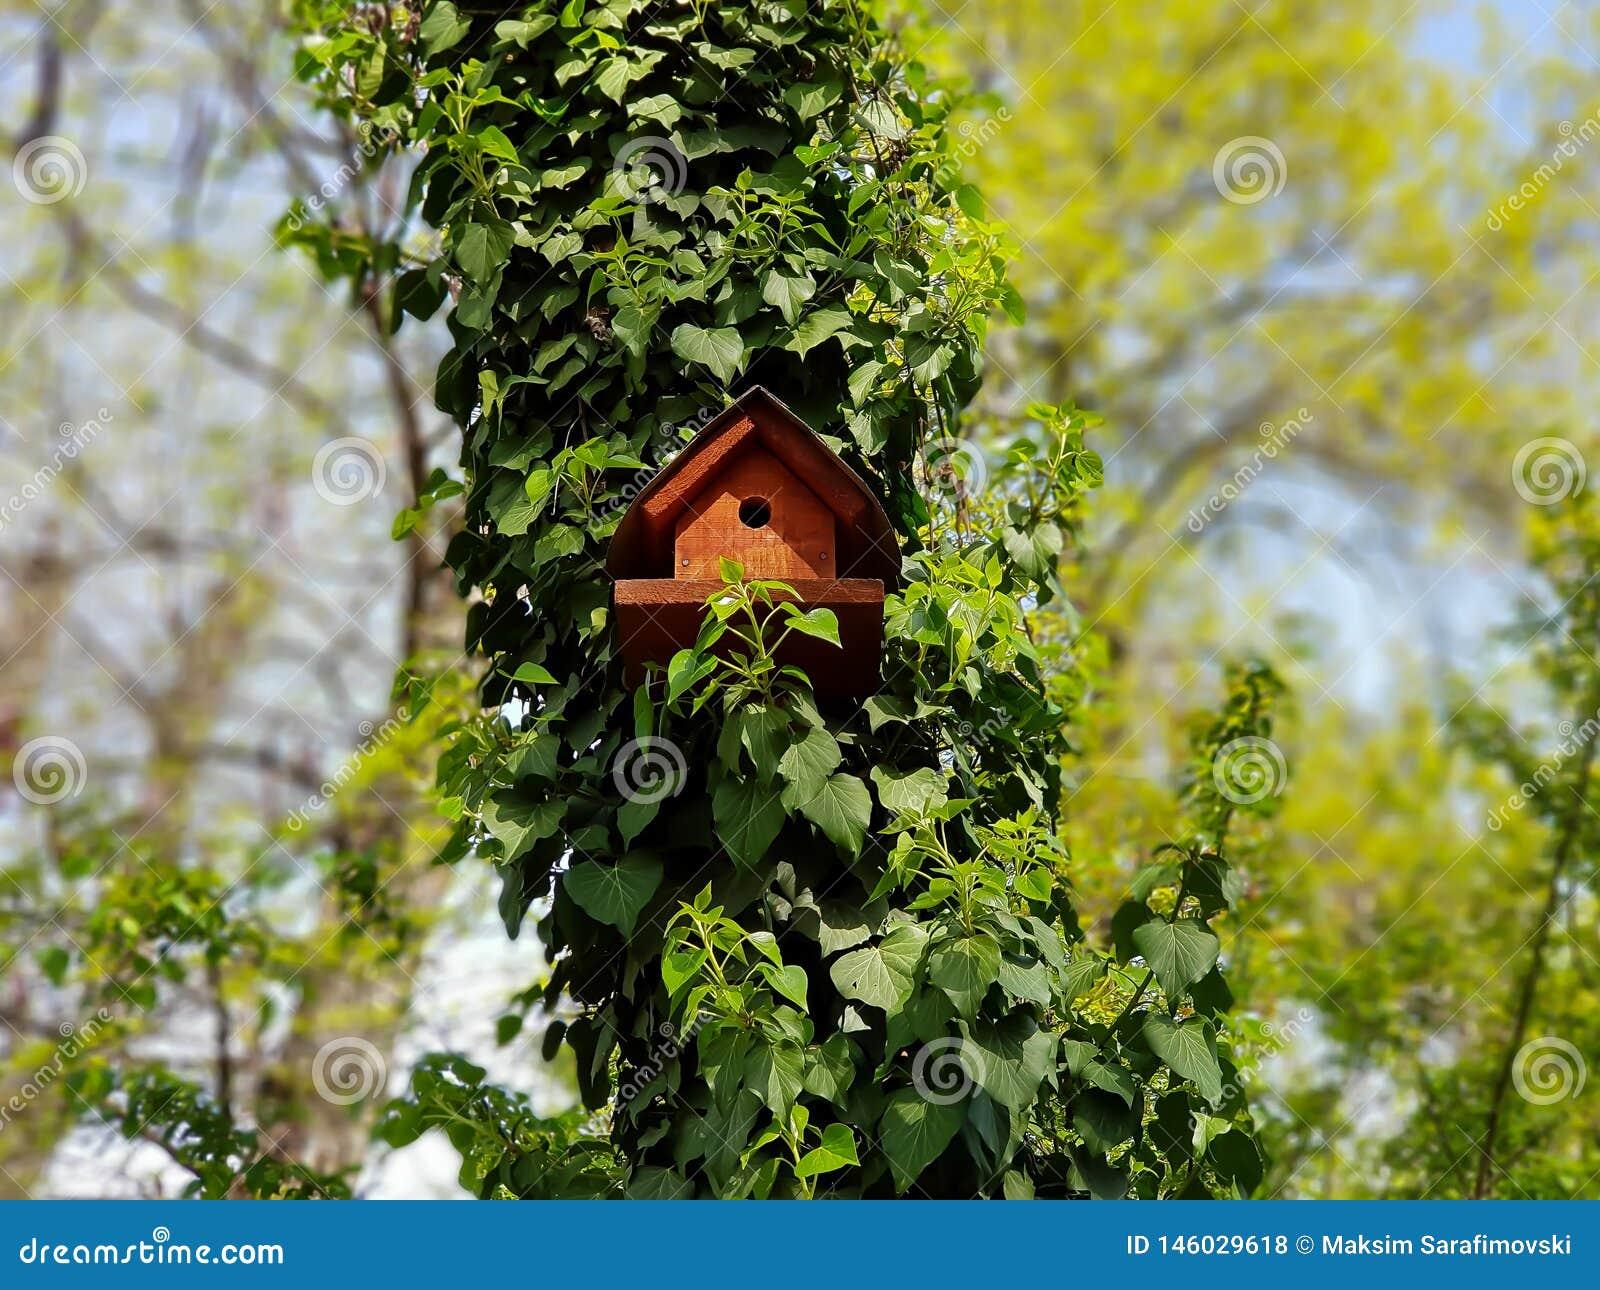 Casa do pássaro nas madeiras em um dia ensolarado